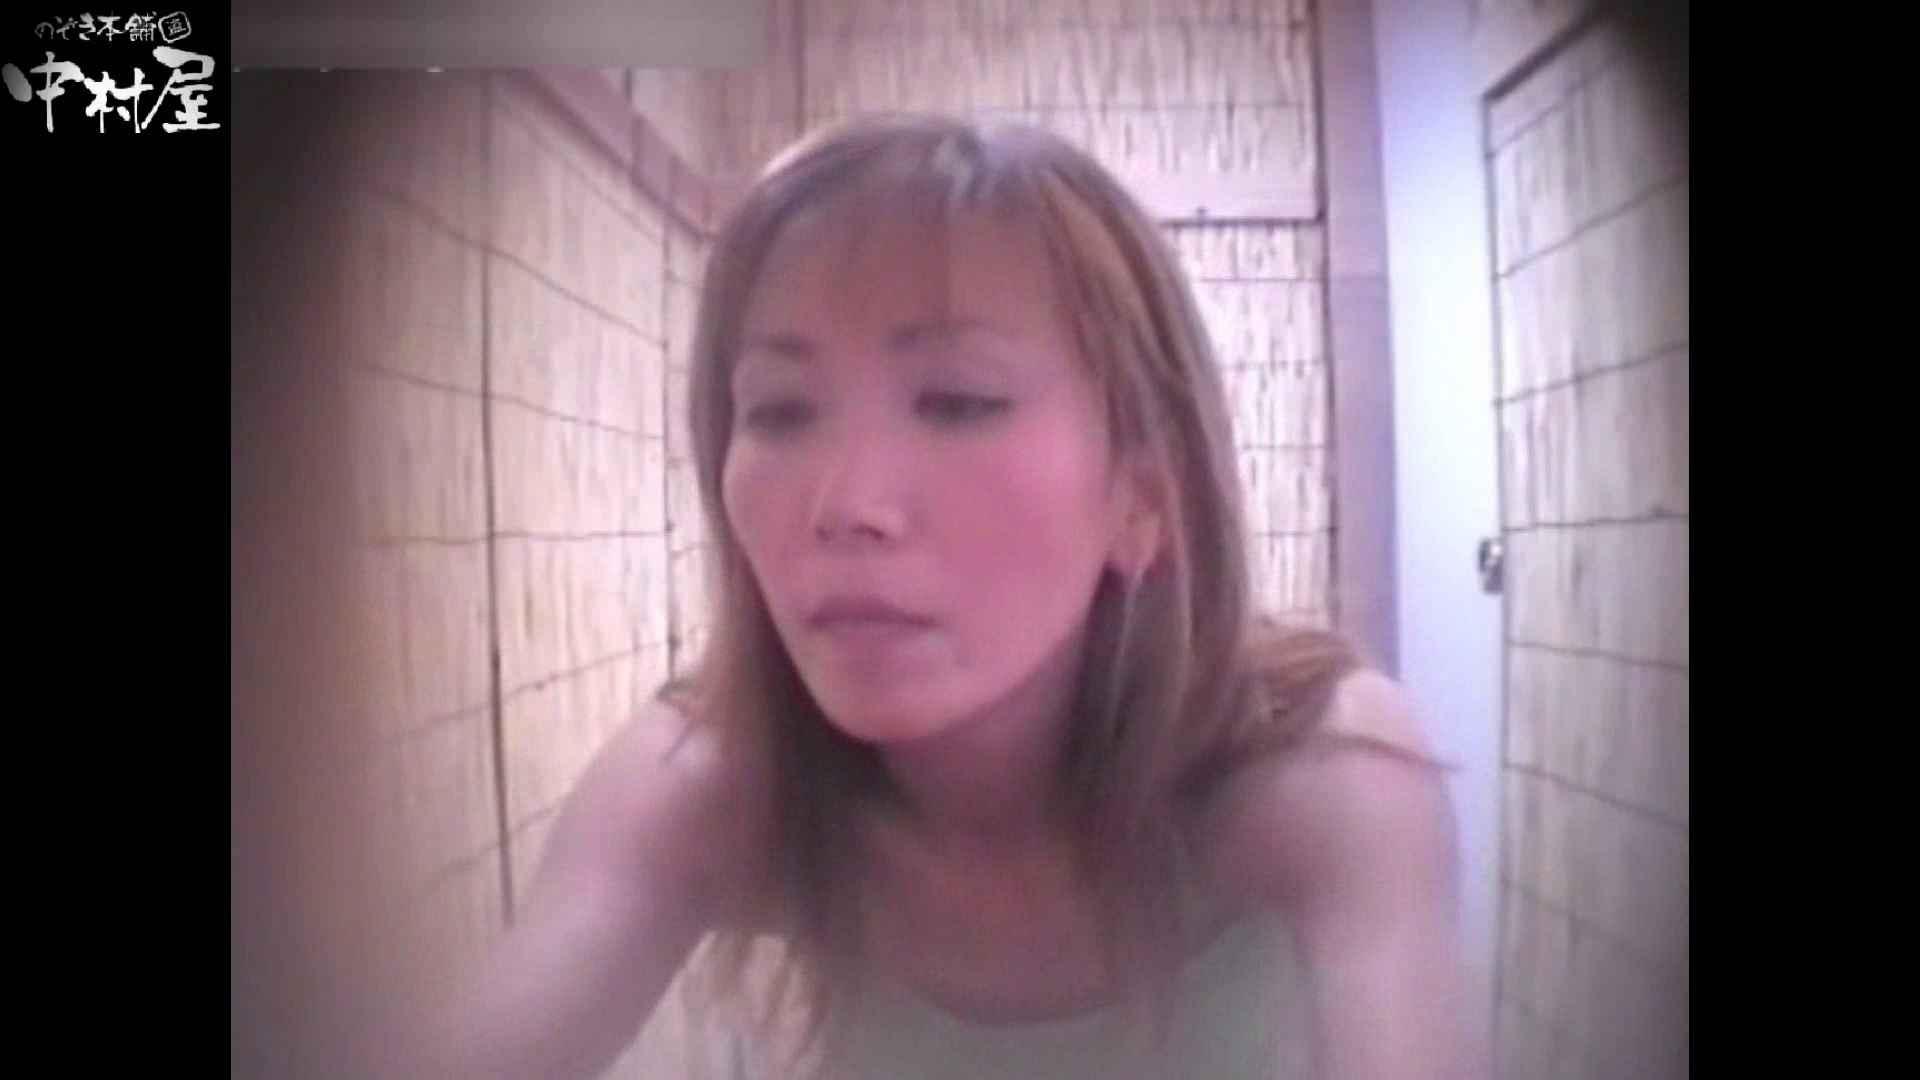 解禁!海の家4カメ洗面所vol.63 現役ギャル 盗撮動画紹介 87pic 86